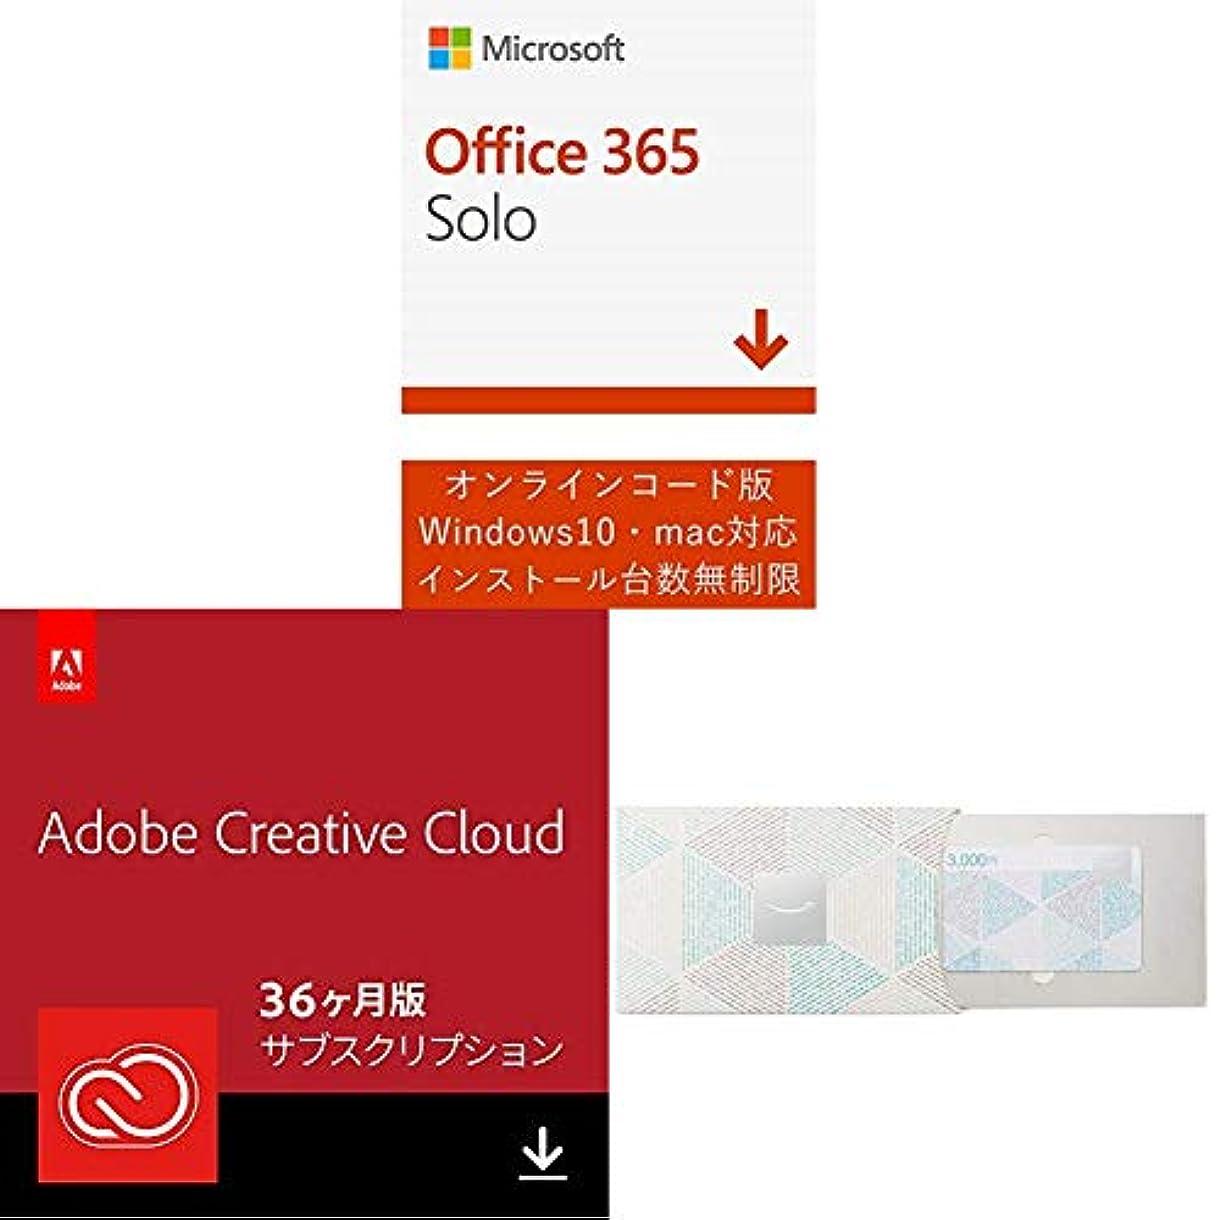 瞑想的インスタント広くMicrosoft Office 365 Solo +Adobe Creative Cloud コンプリート|36か月版 (Amazonギフト券3000円付き)